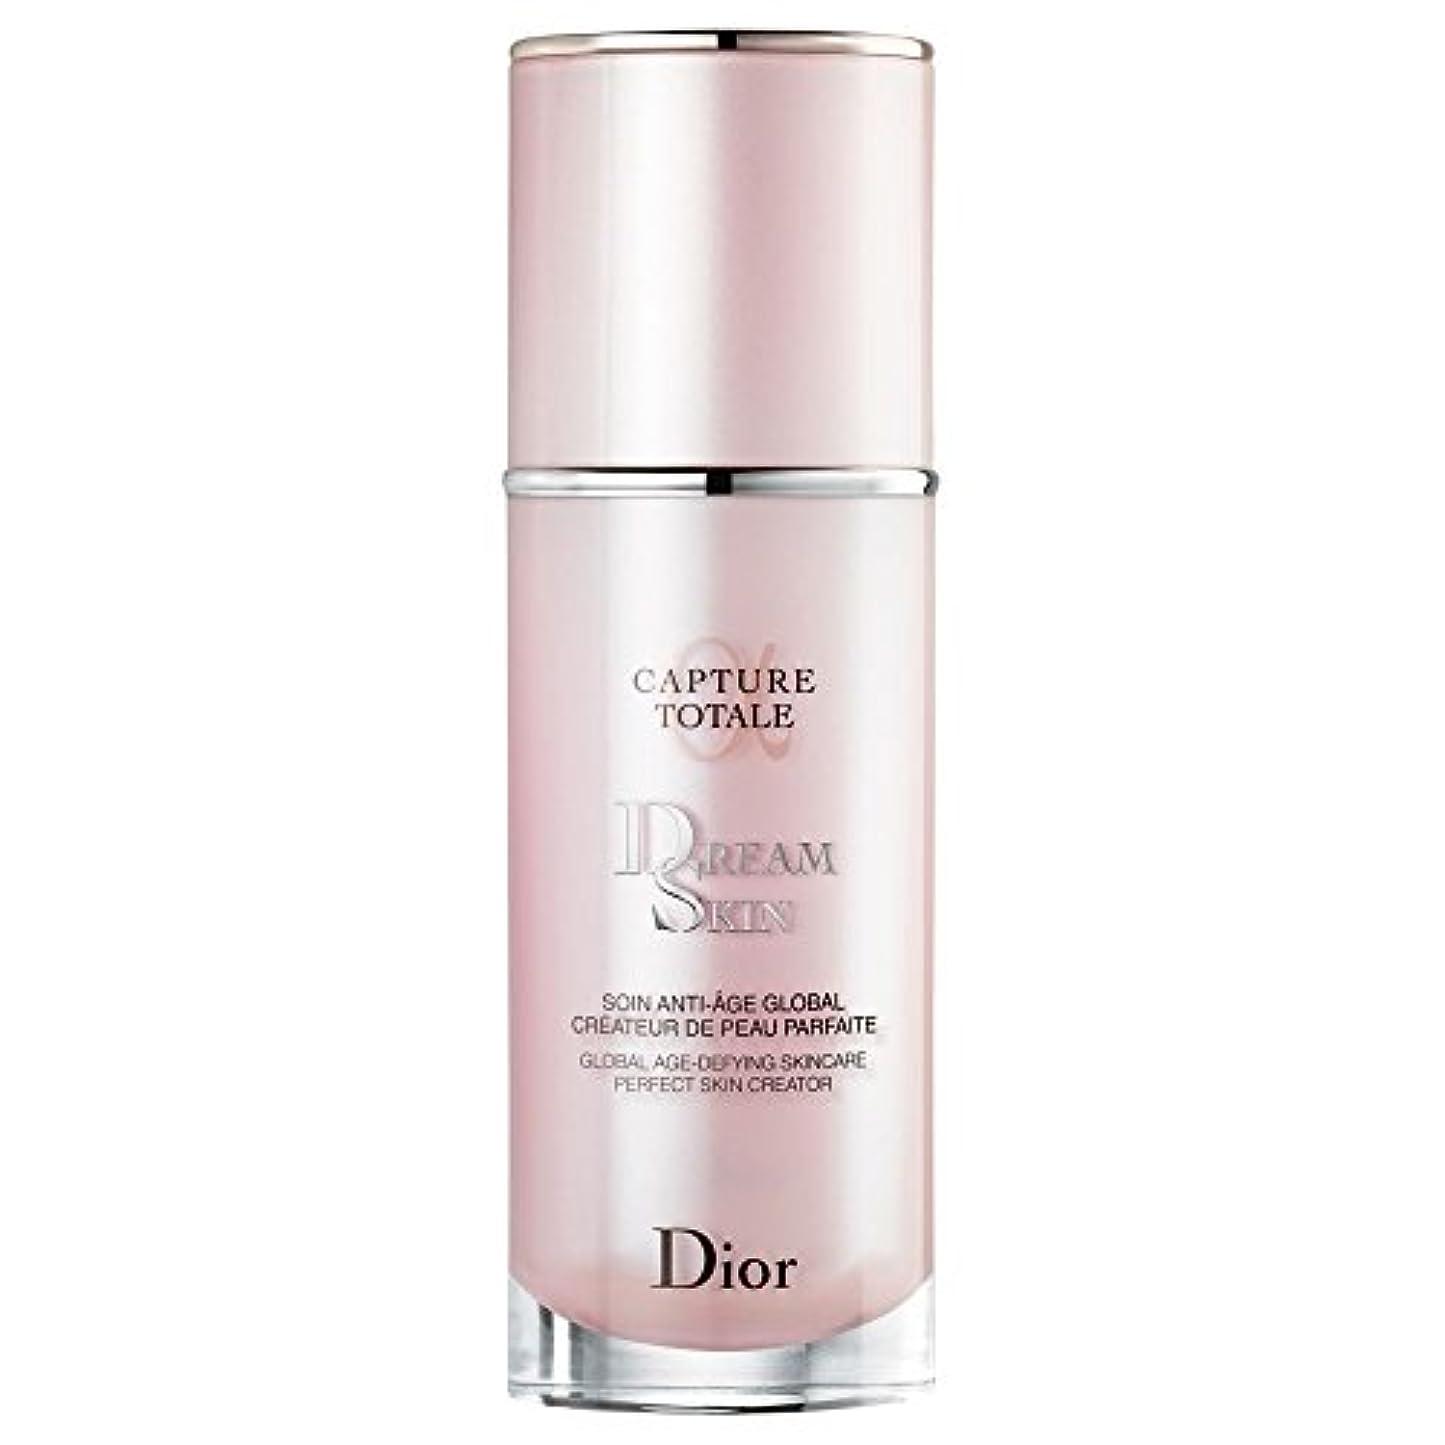 地区心配に同意する[Dior] ディオールキャプチャカプチュールトータルDreamskin血清50ミリリットル - Dior Capture Totale Dreamskin Serum 50ml [並行輸入品]